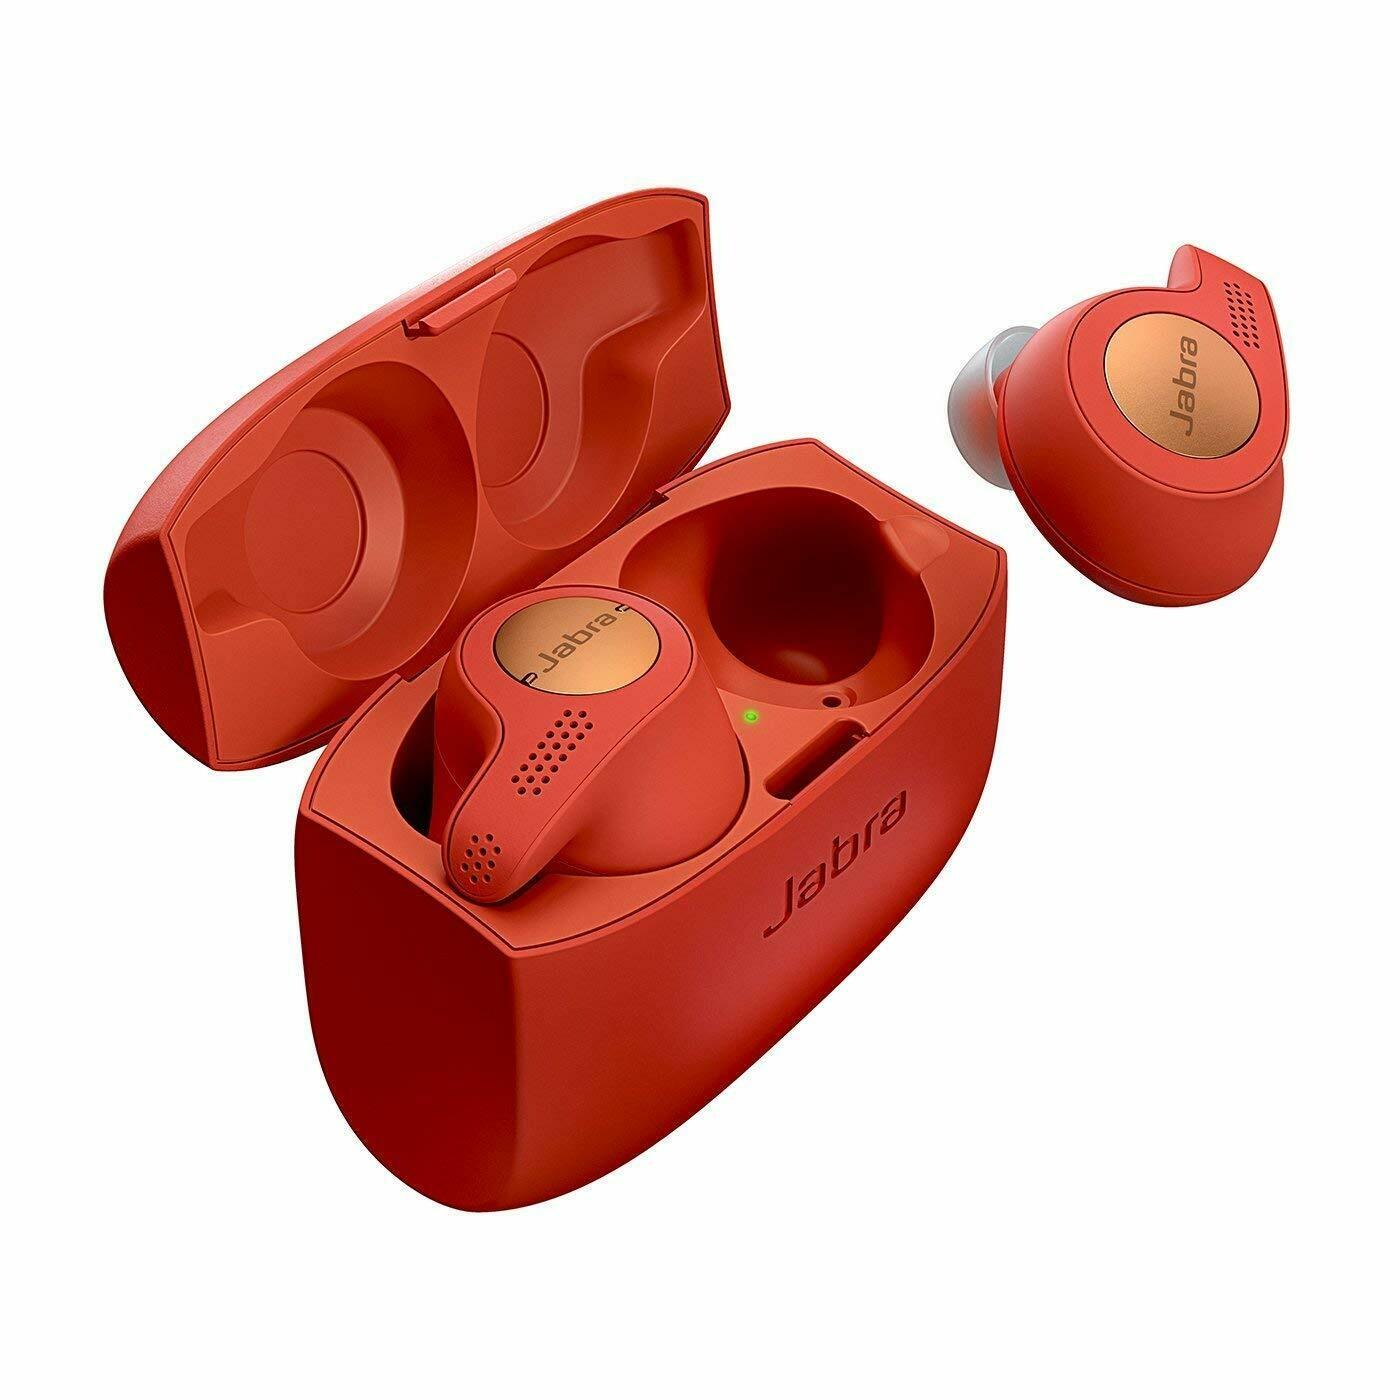 Jabra Elite Active 65t Wireless Bluetooth, Red